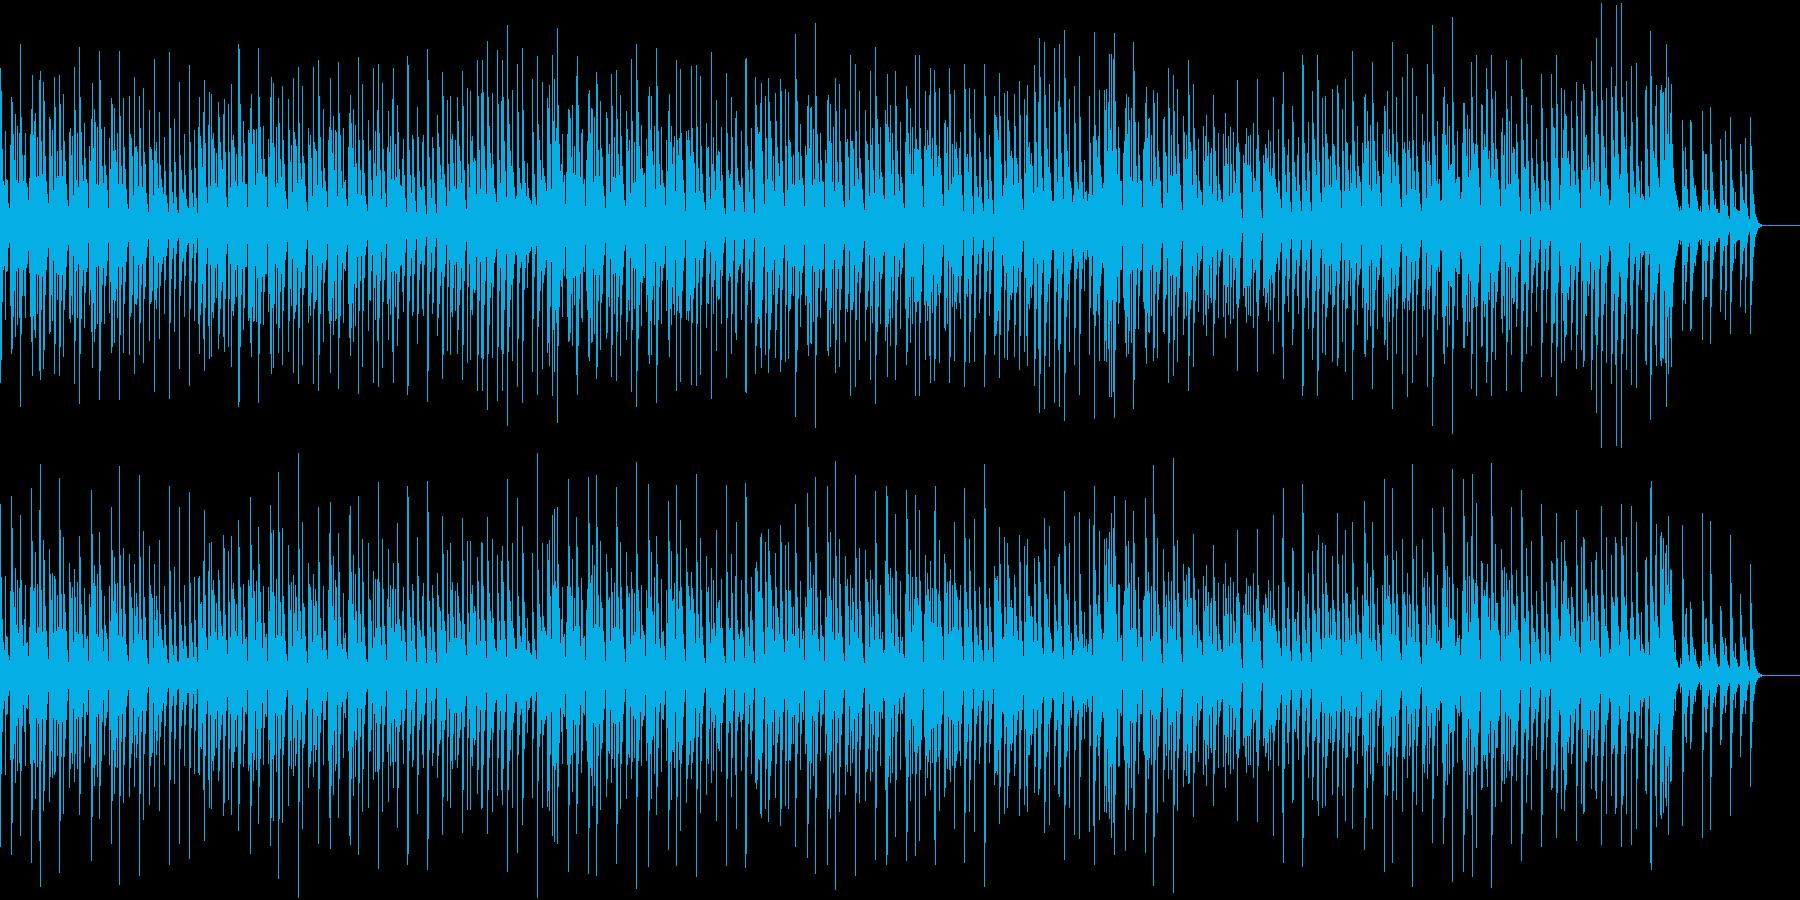 ゆったりして滑らかなジャズの再生済みの波形